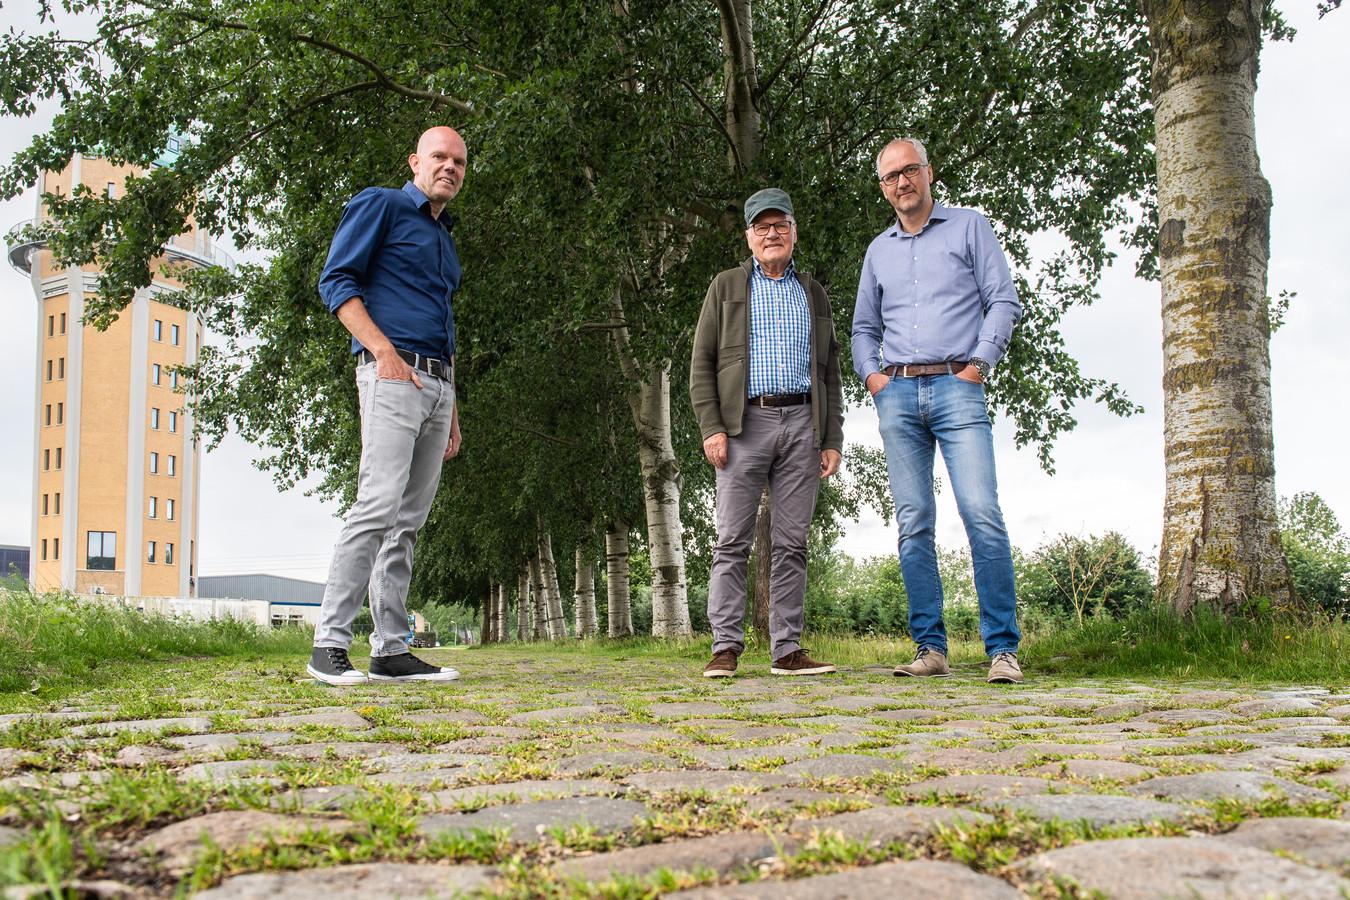 Wim en Arthur van Dongen met Martin van Steen (L) in de Watertorenstraat in Dongen.